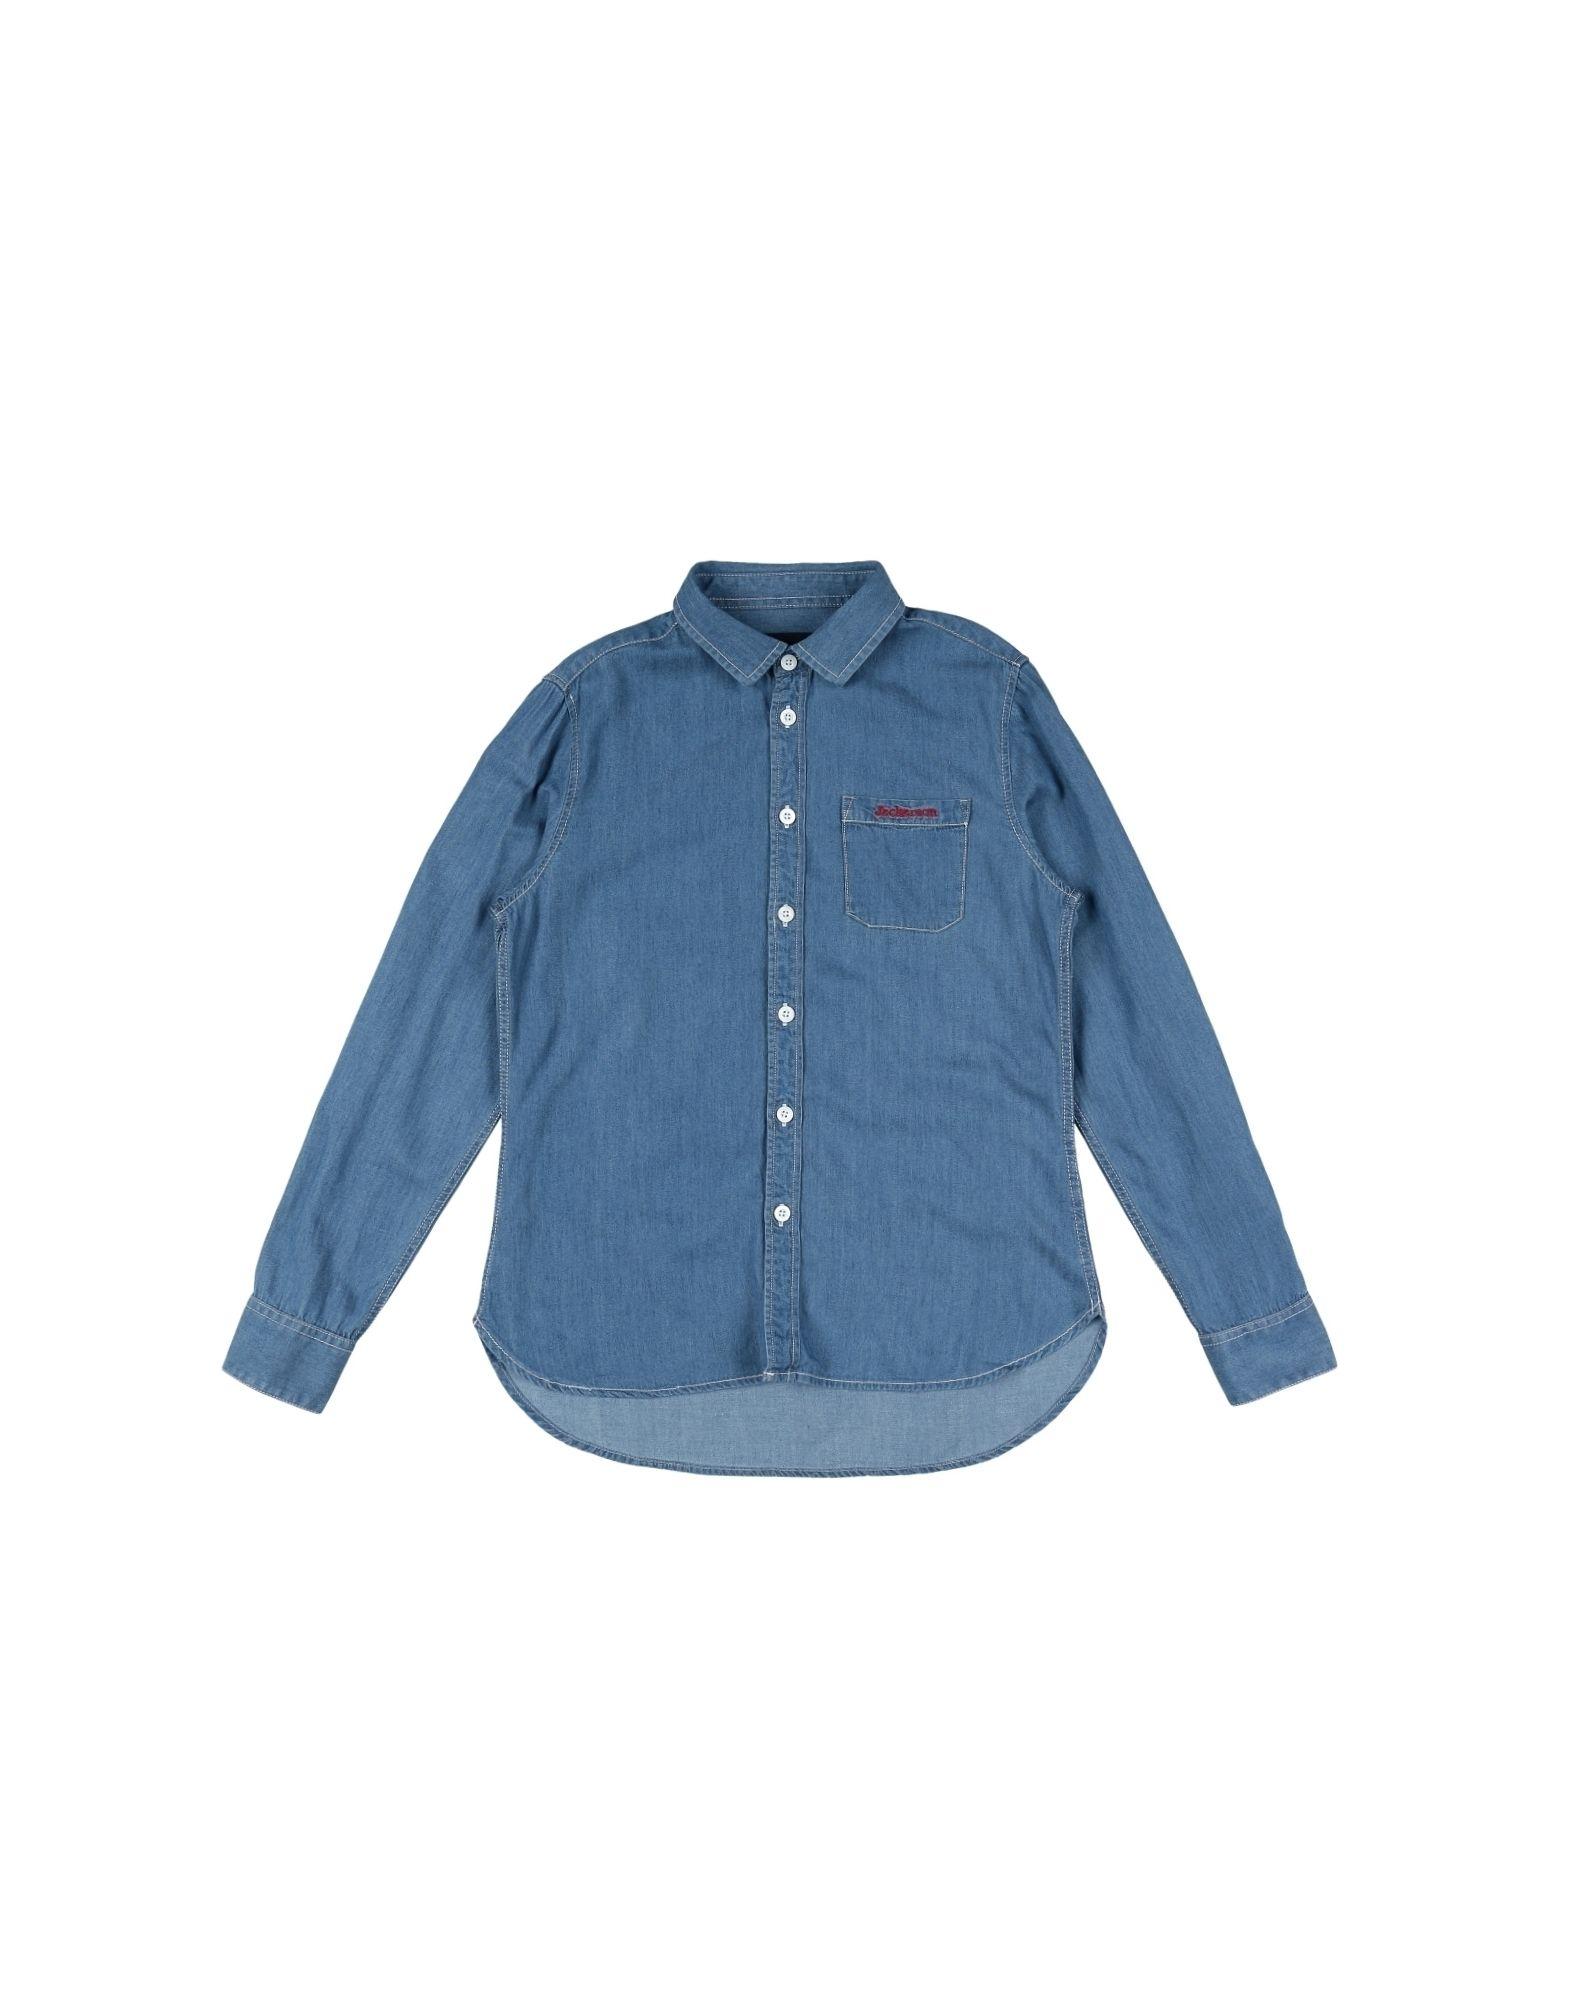 JECKERSON Denim shirts